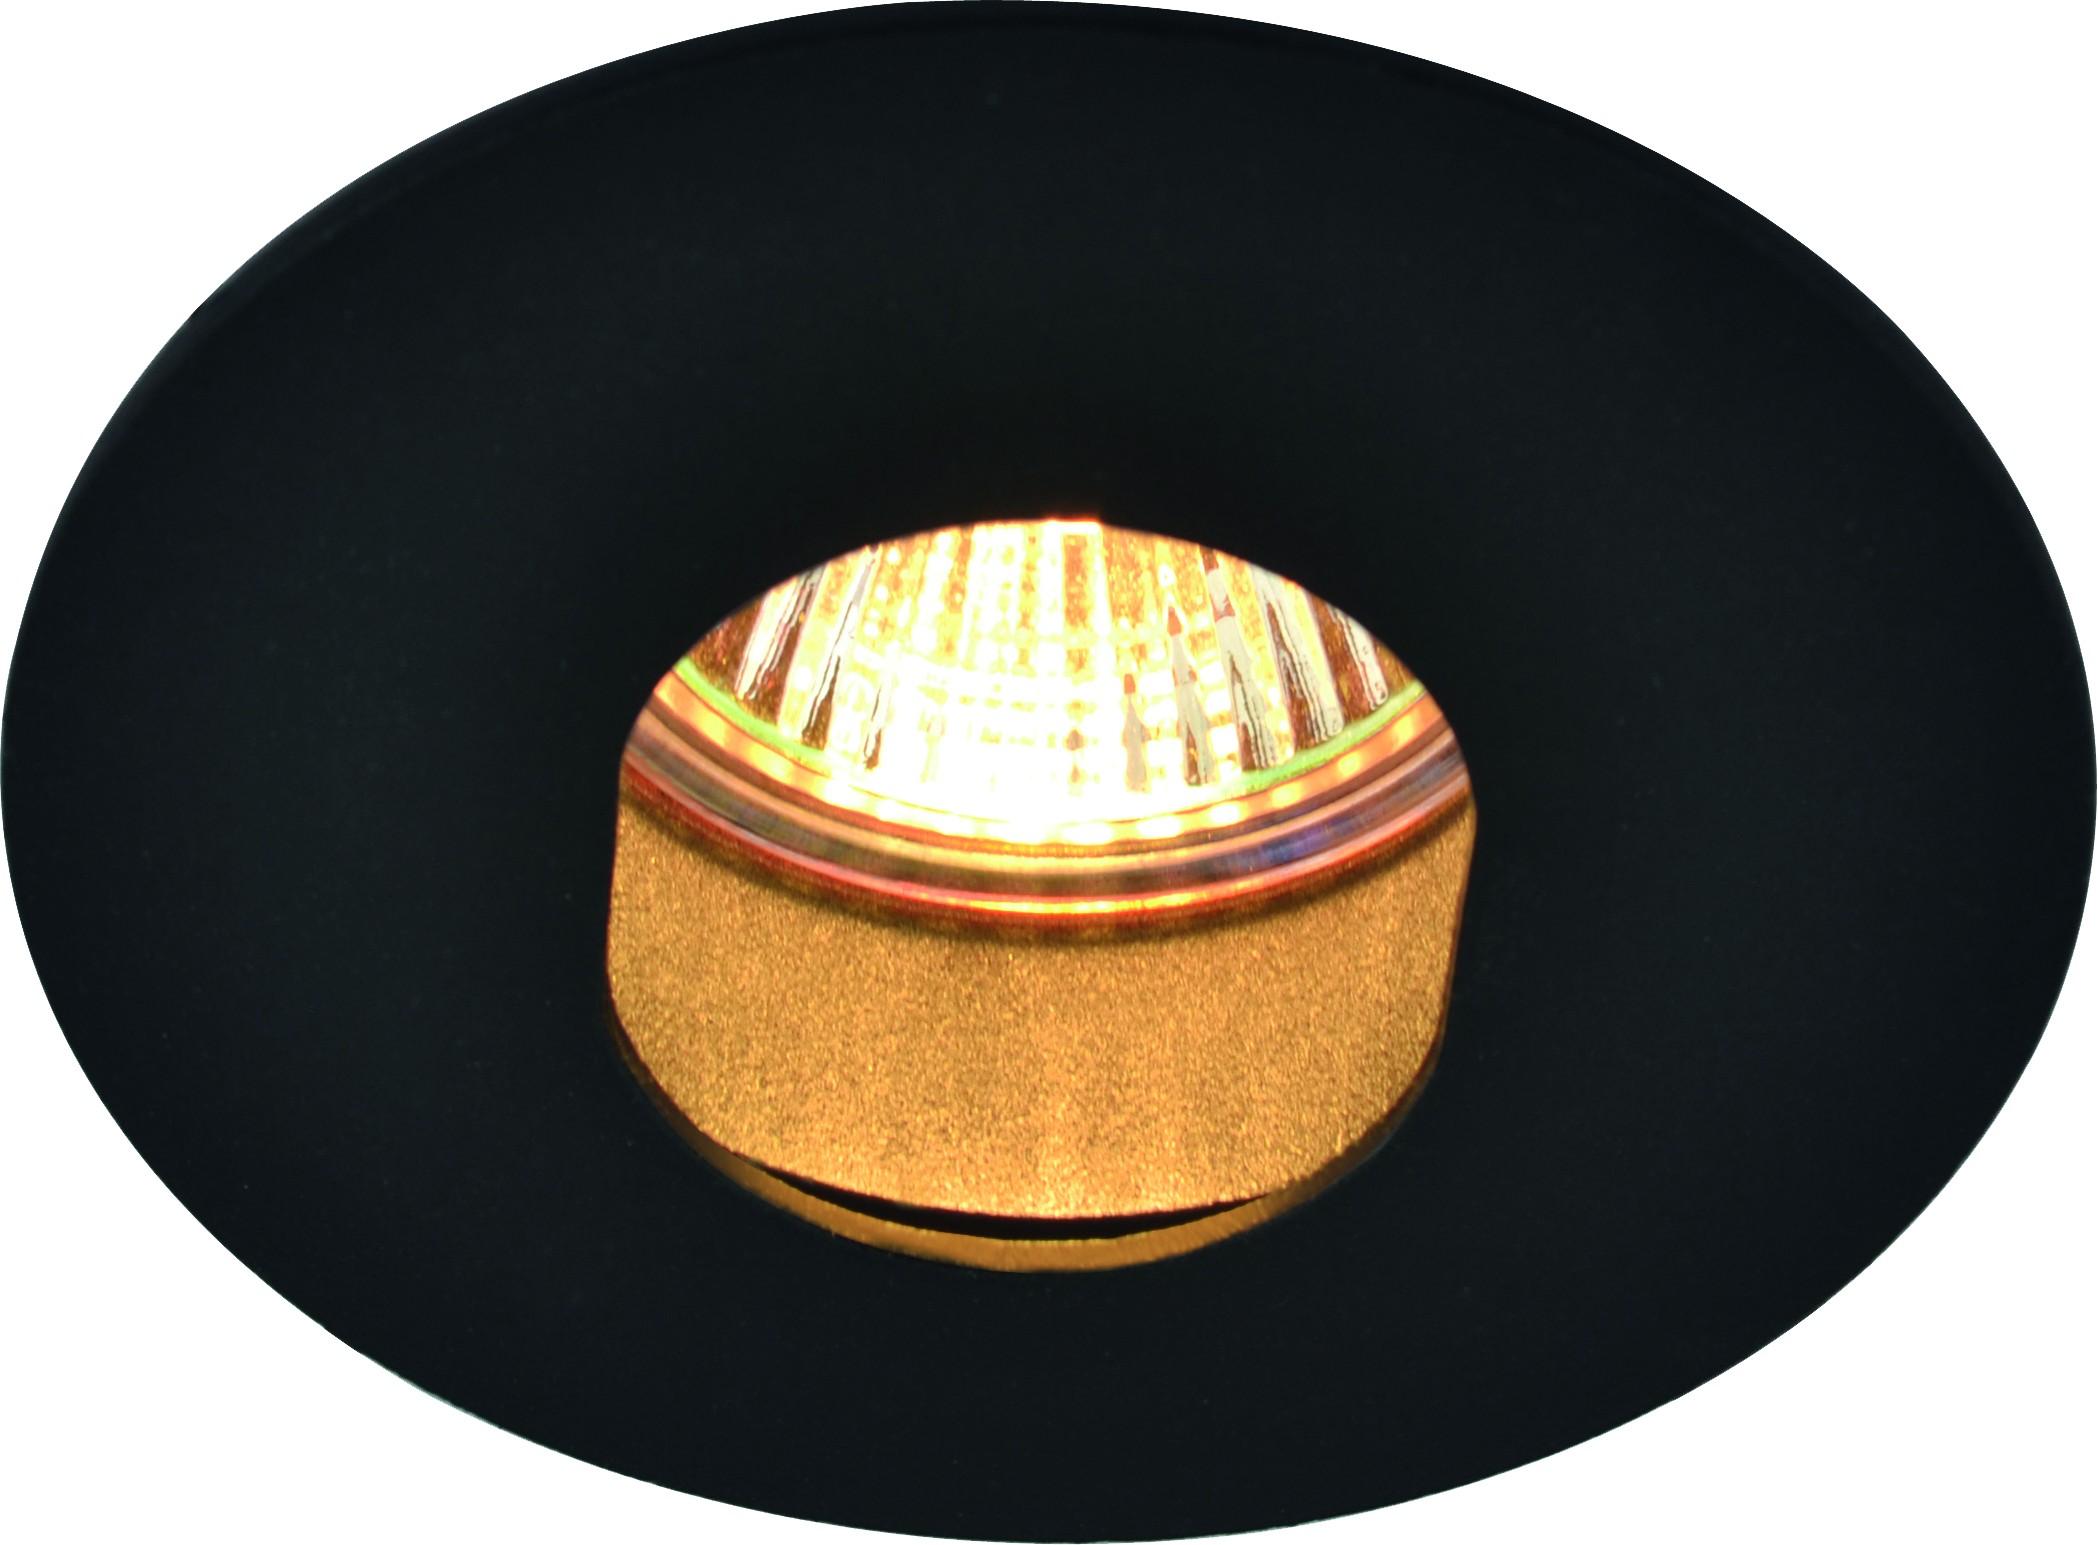 Светильник встраиваемый Arte lamp A3219pl-1bk встраиваемый спот точечный светильник arte lamp accento a3219pl 1ss